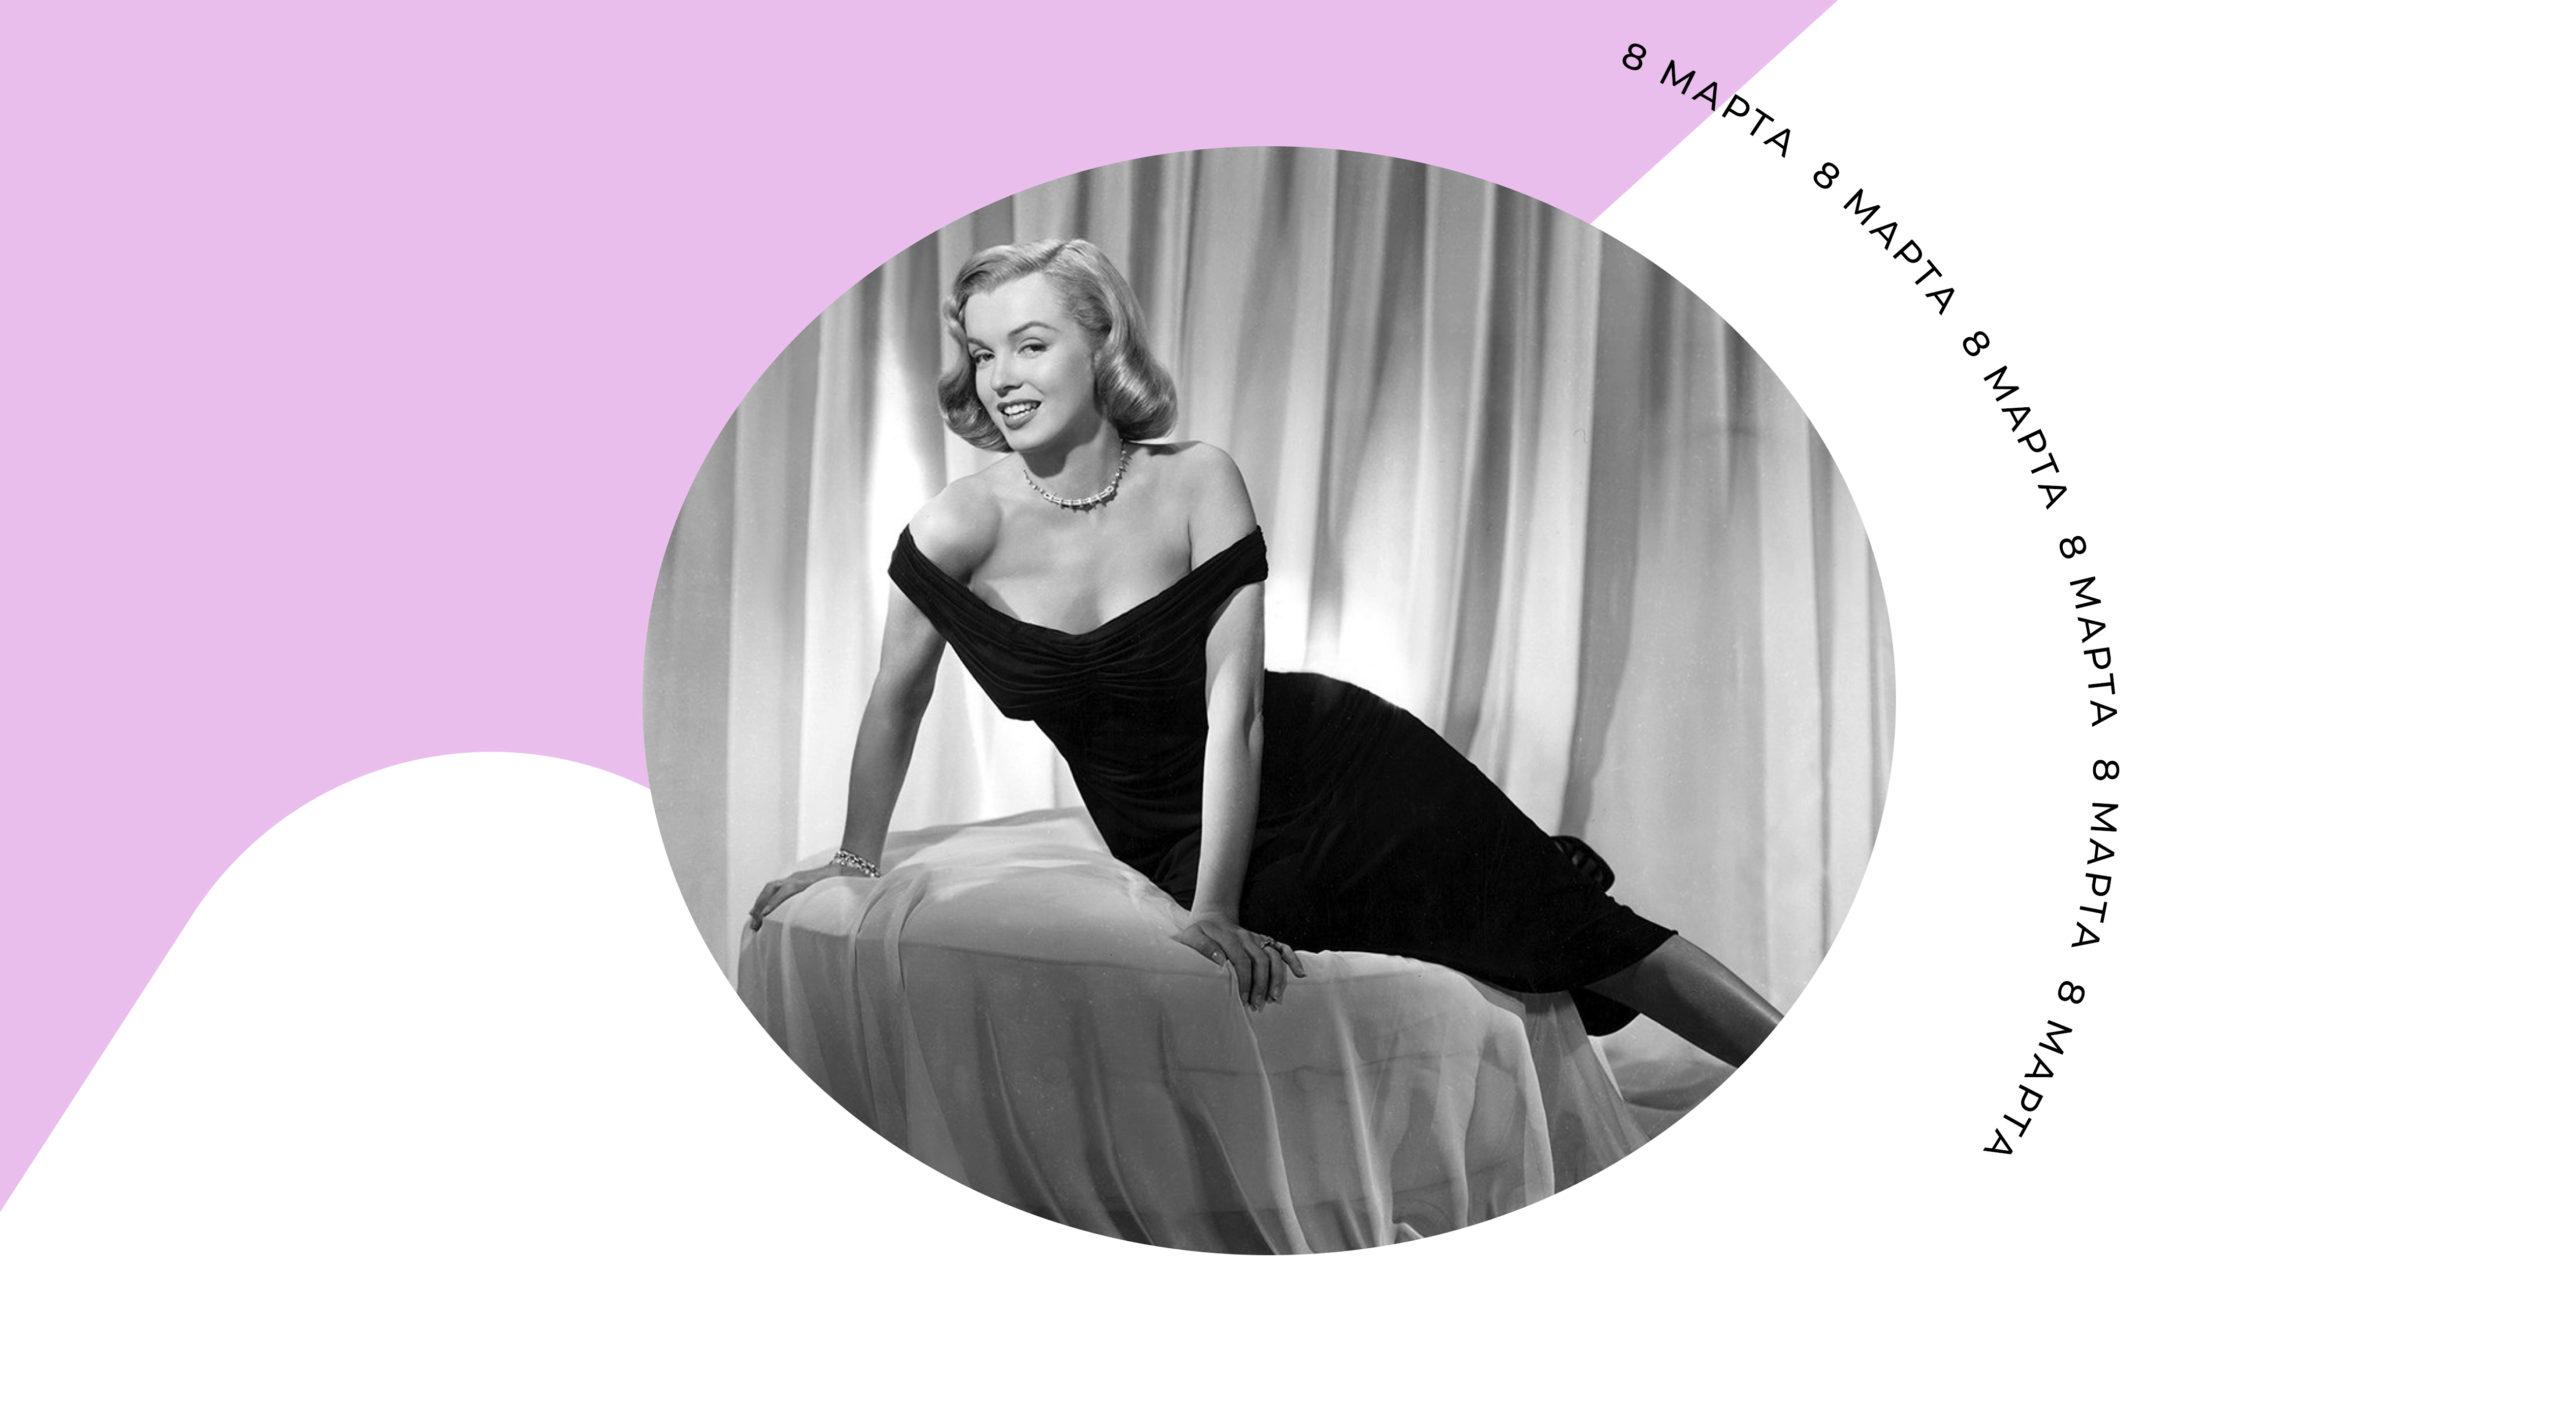 К 8 марта: топ ароматов, посвященных великим художницам, актрисам и писательницам